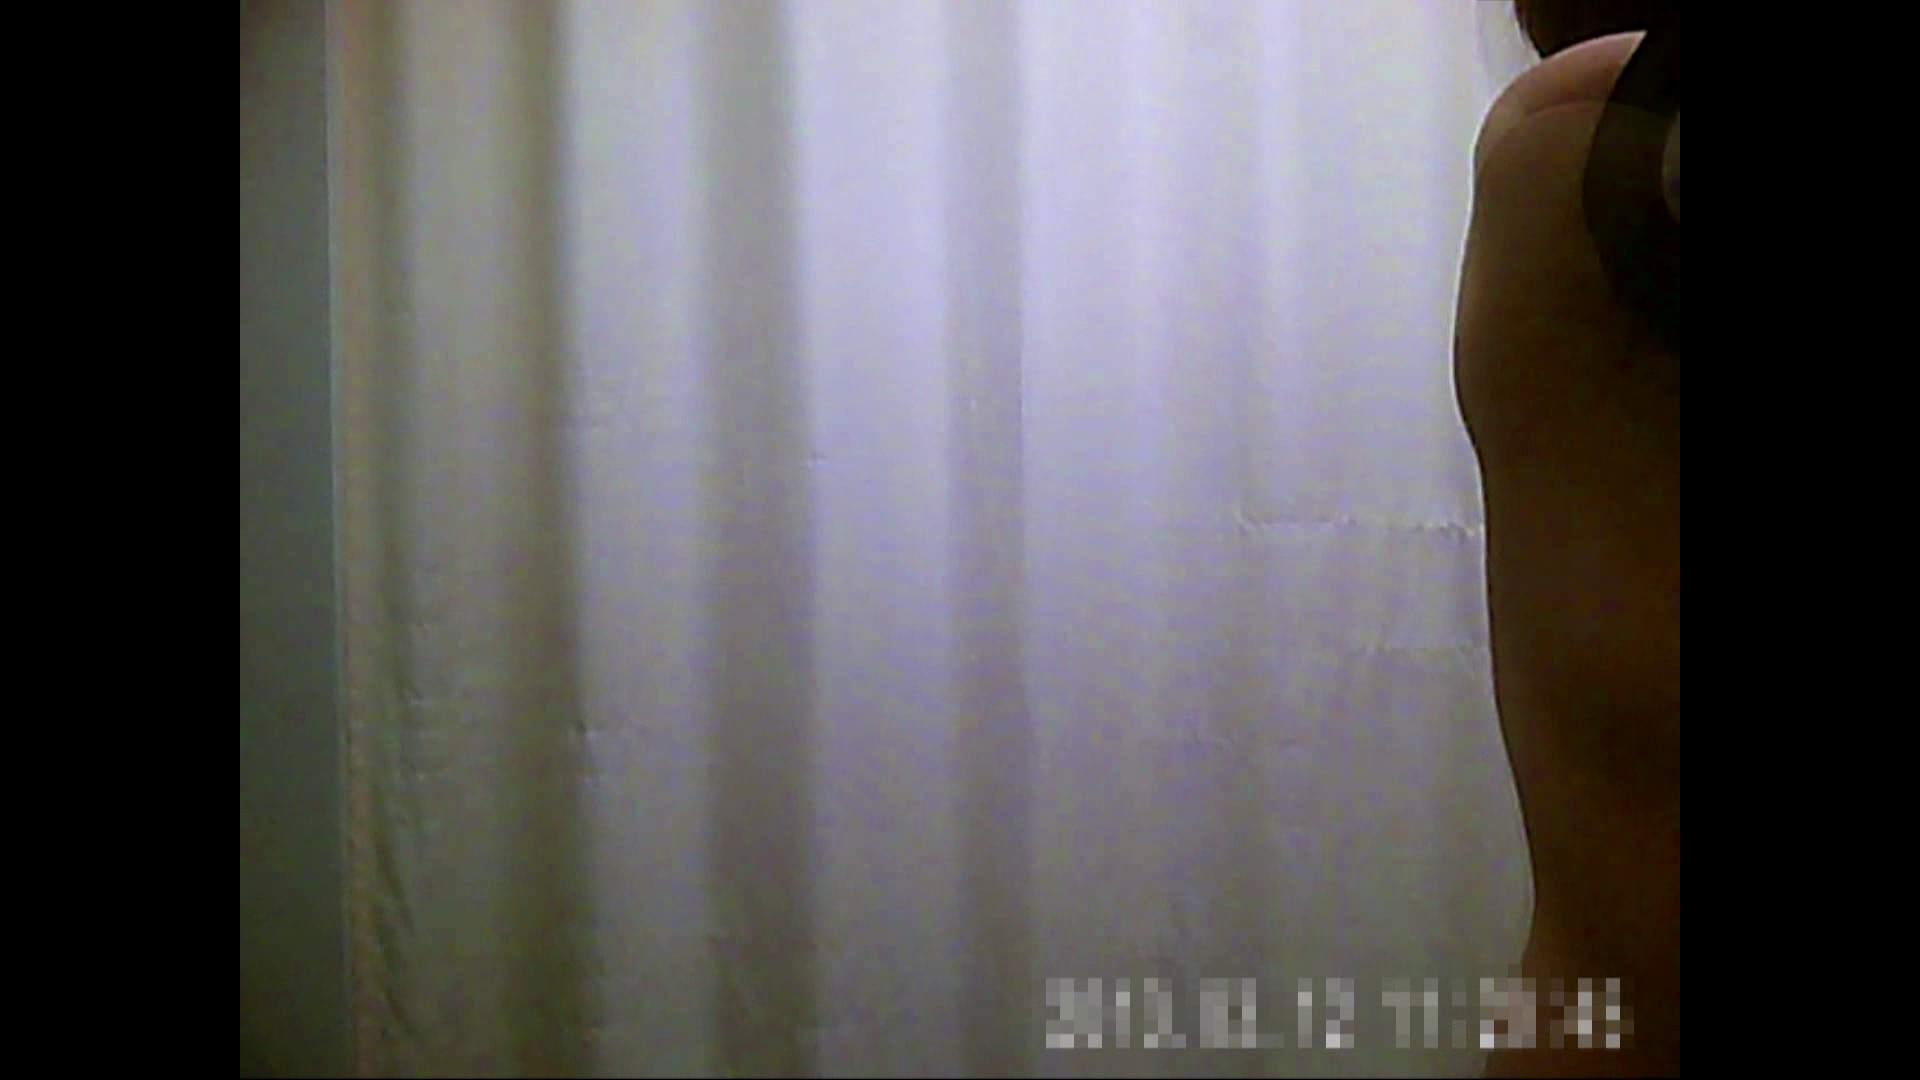 病院おもいっきり着替え! vol.198 盗撮特集 オマンコ無修正動画無料 83画像 34